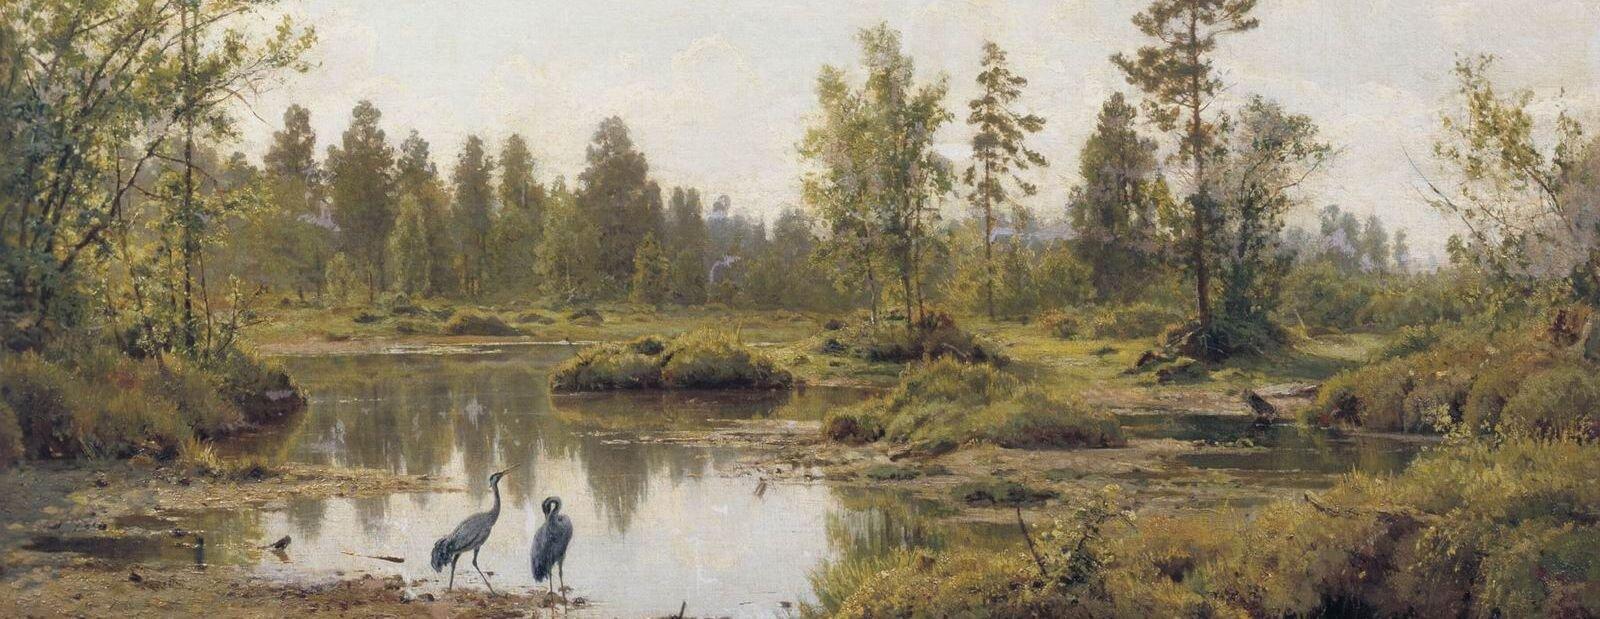 Bagno. Polesie Źródło: Iwan Szyszkin, Bagno. Polesie, 1890, domena publiczna.